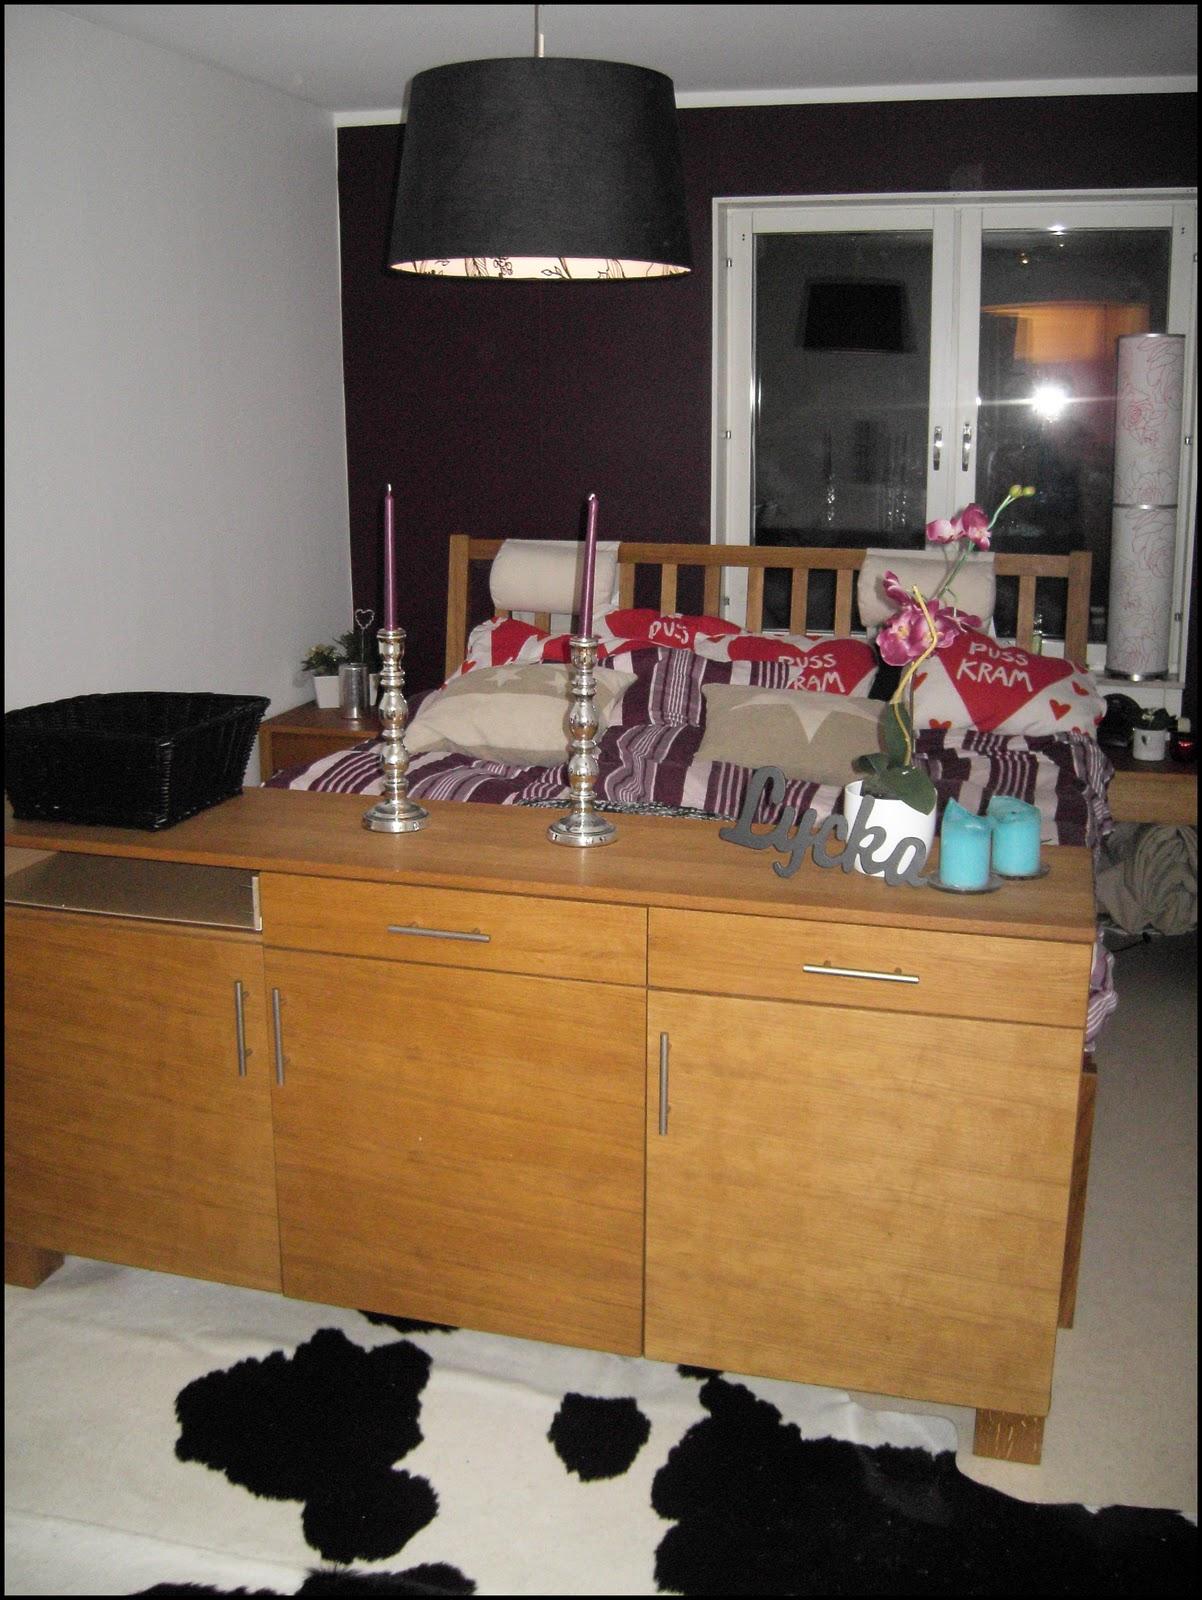 Livet i kollektivet: januari 2011